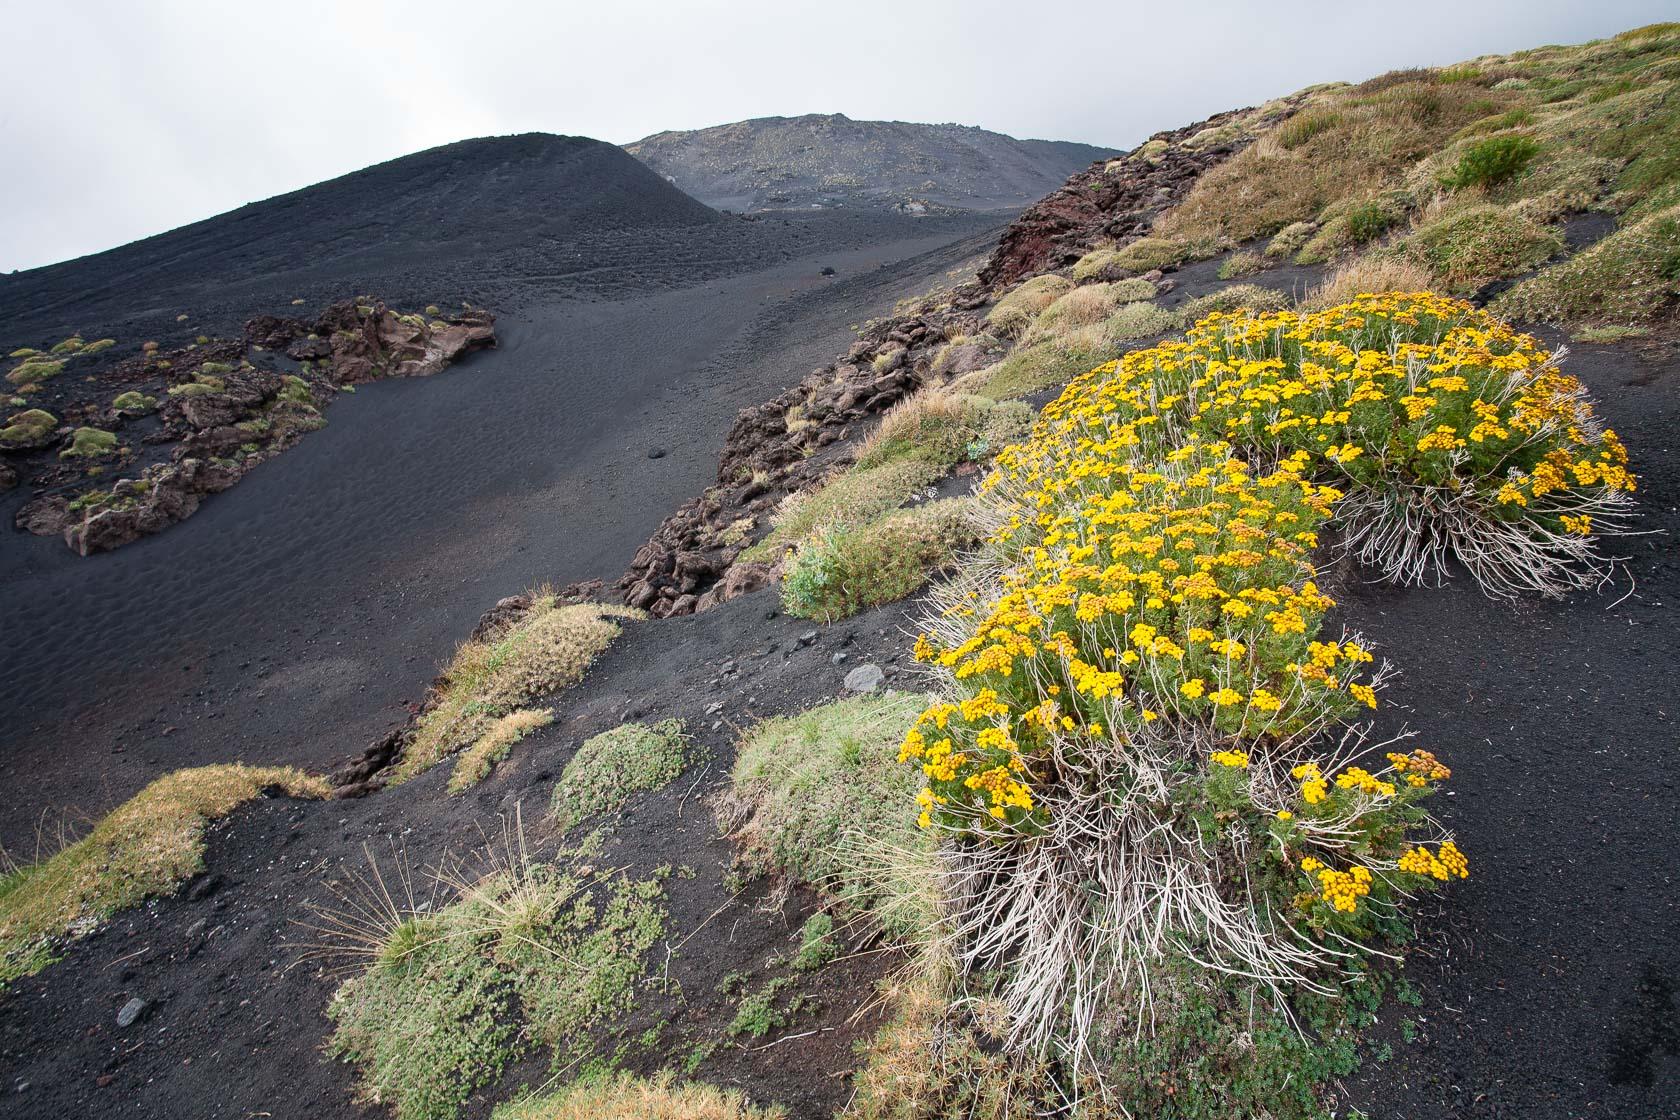 végétation pionnière sur les pentes de l'Etna en Sicile